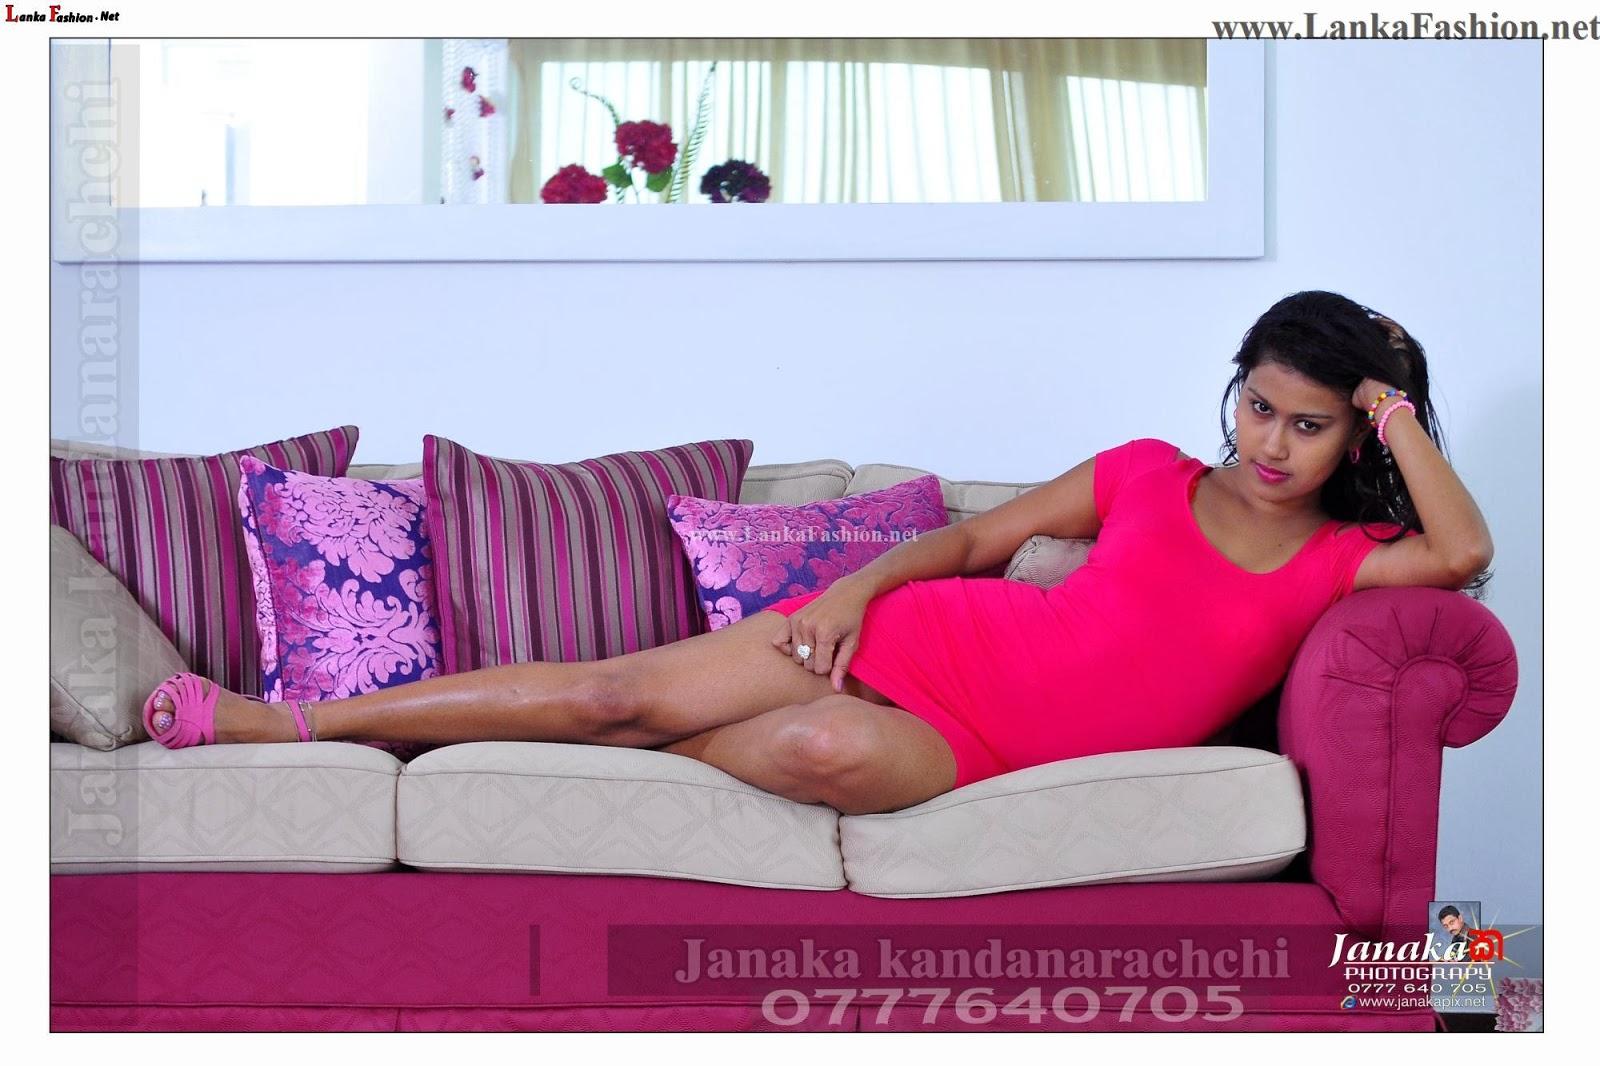 Chathu Paba Dilhara pink